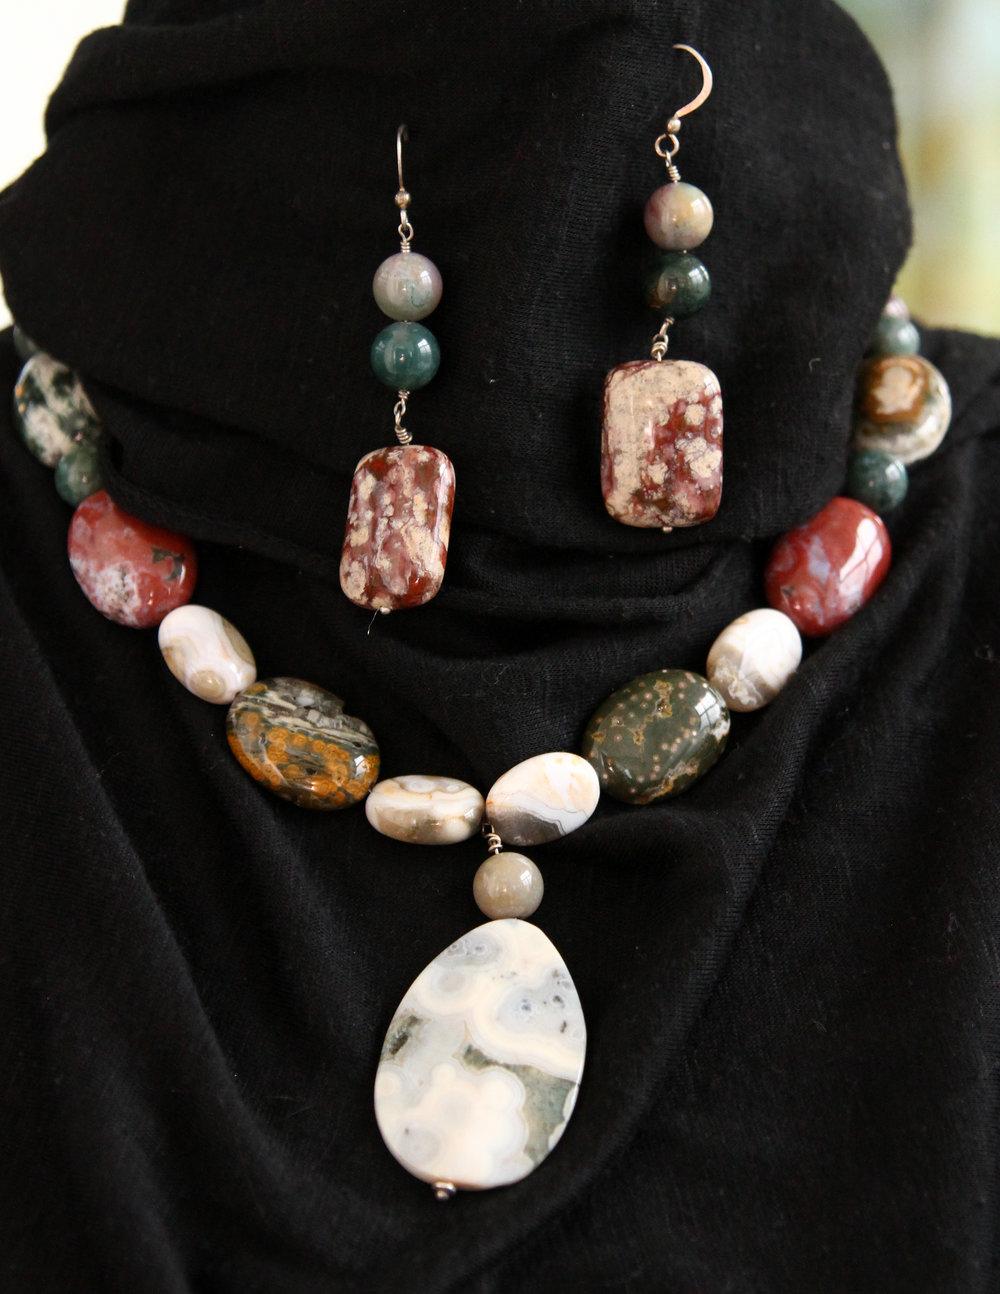 semi-preciousnecklace-earrings_002.JPG